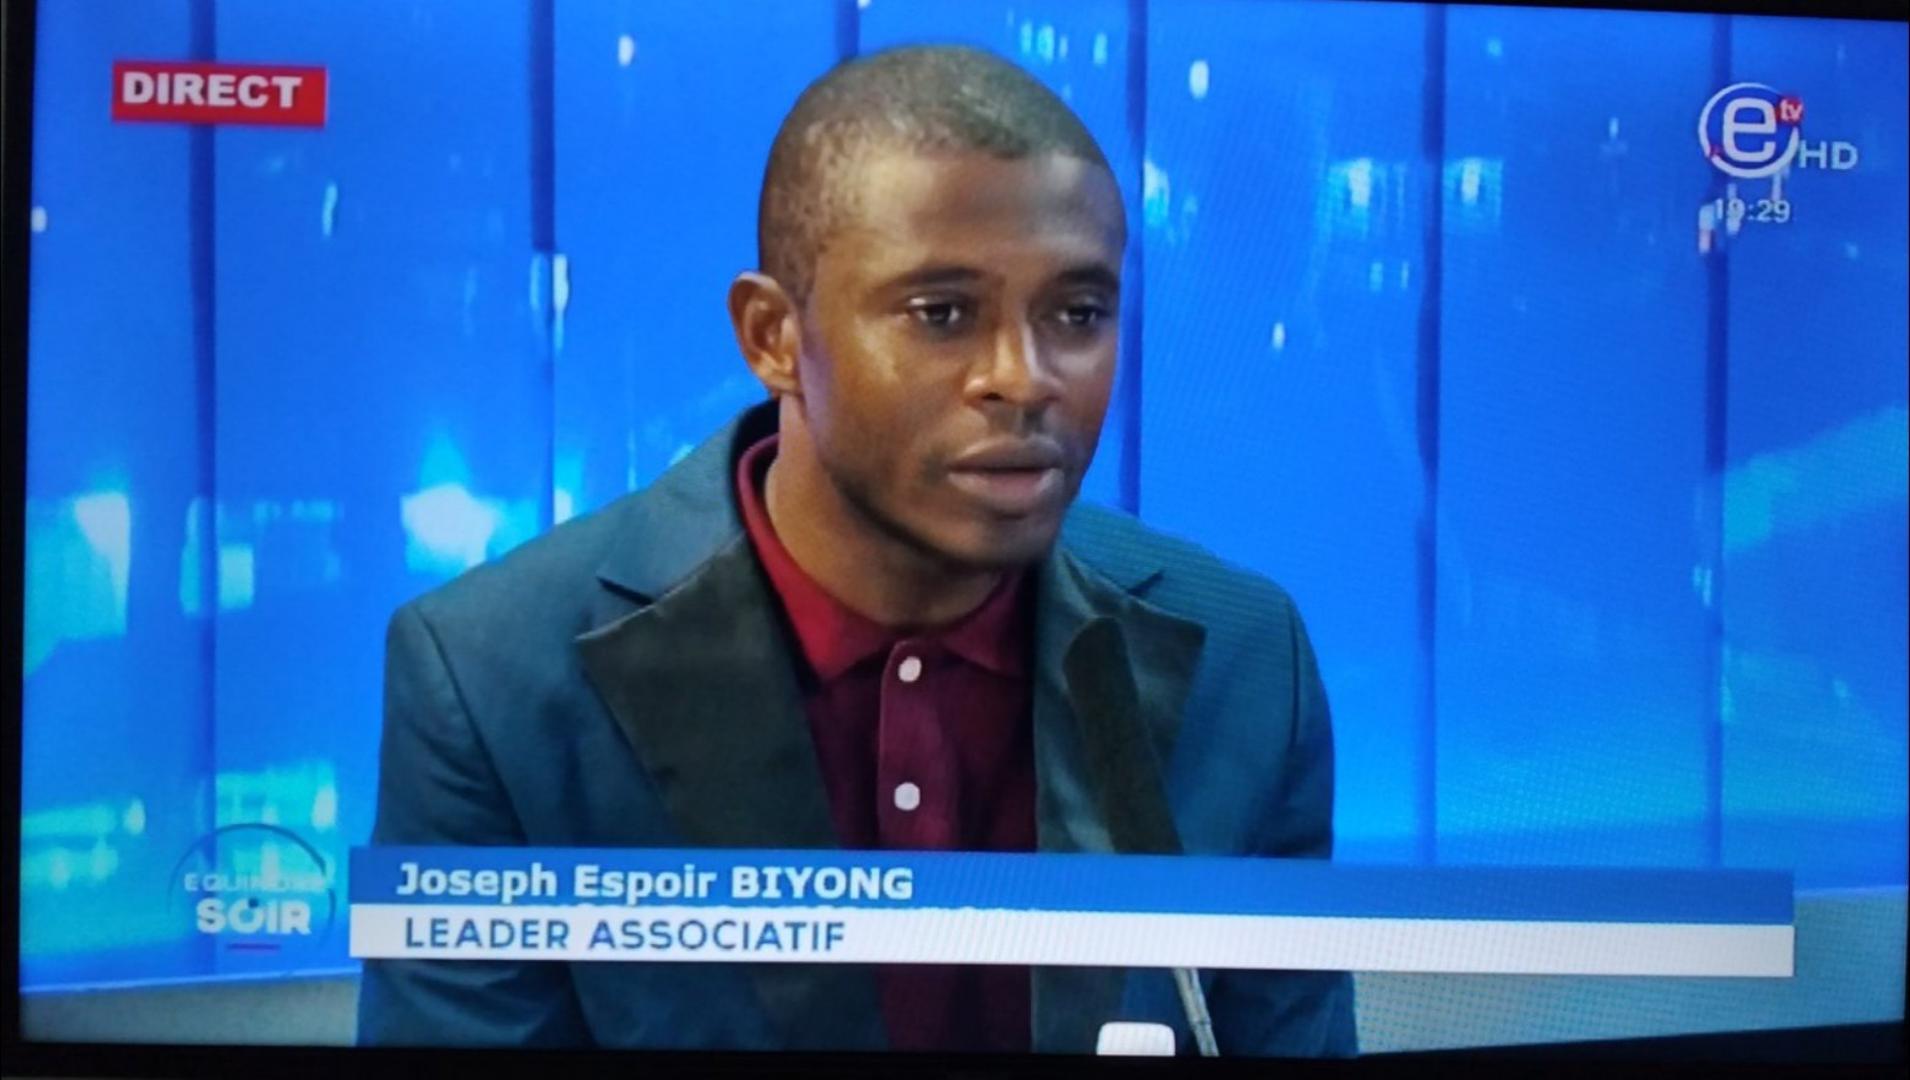 Joseph Espoir Biyong persiste, il continuera à intervenir dans les médias